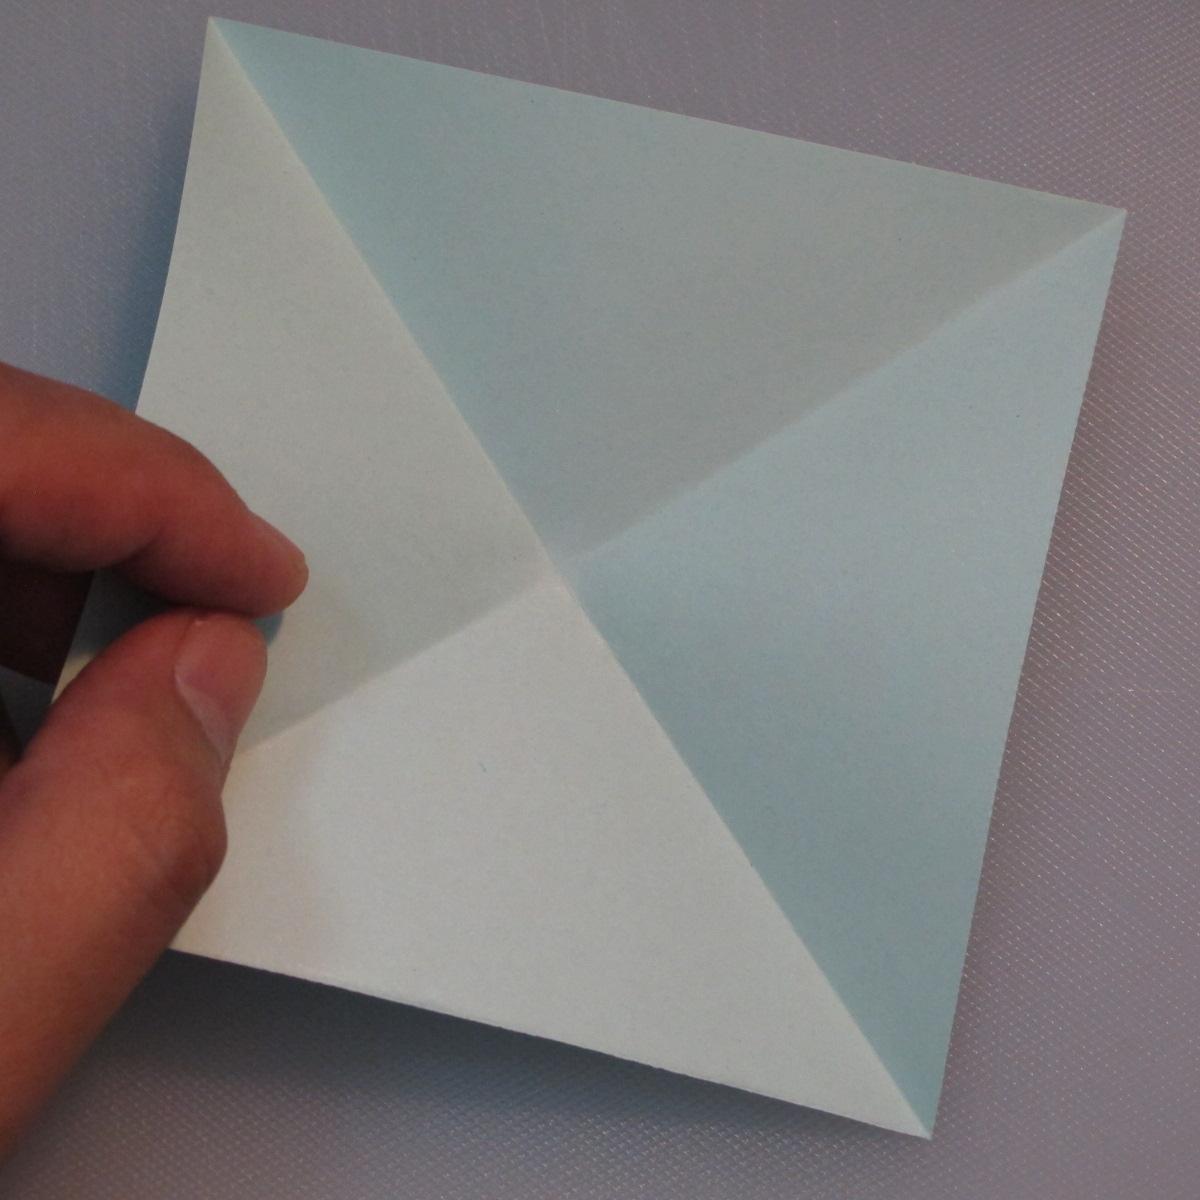 การพับกระดาษรูปดอกมอร์นิ้งกลอรี่ (Origami Morning Glory – アサガオの折り紙) 001